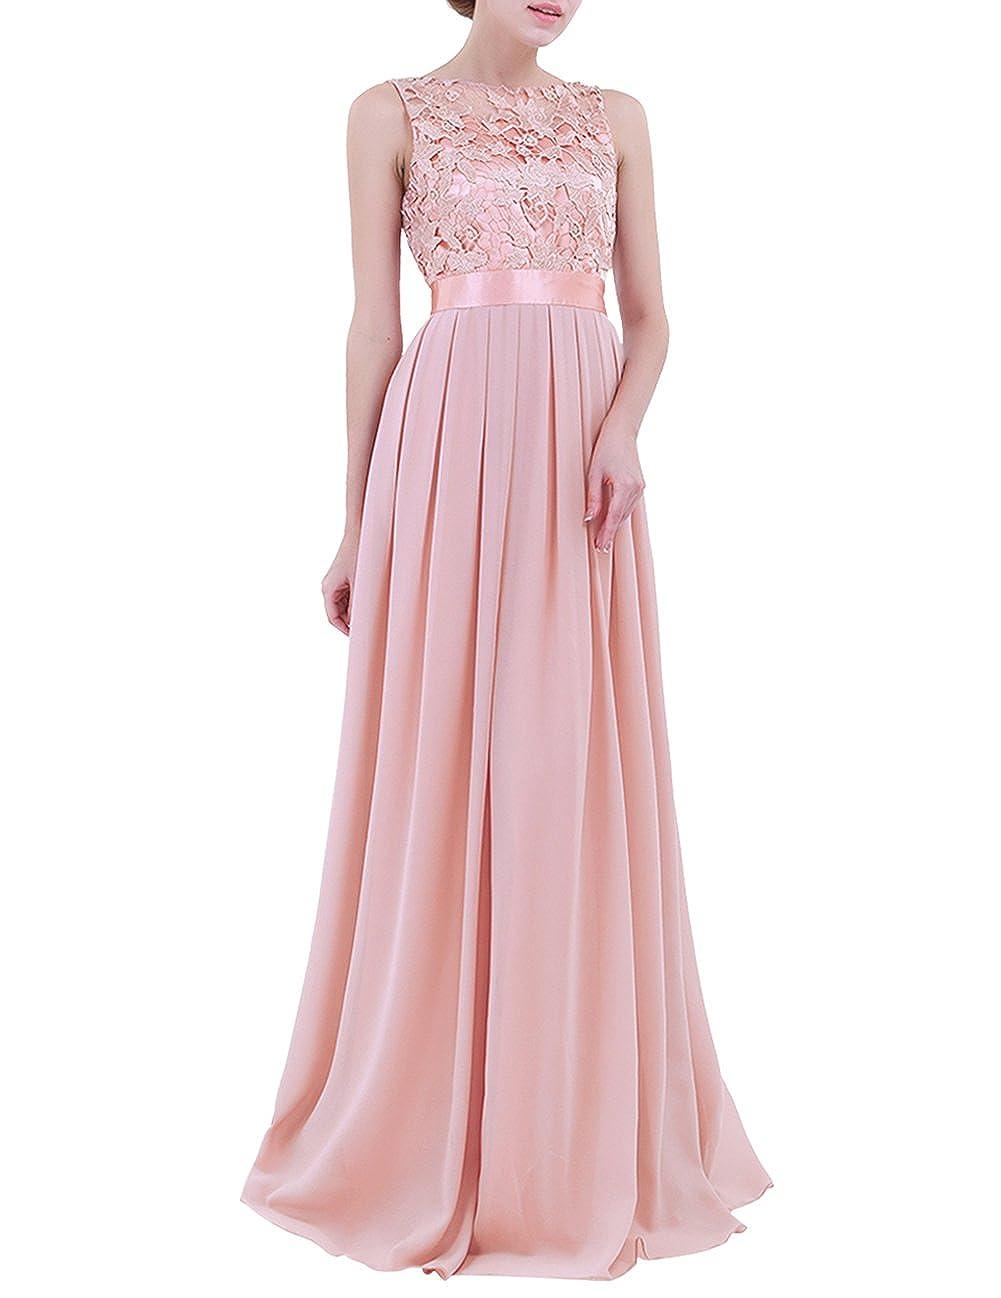 34-46 Tiaobug Elegant Chiffon Damen Kleider Lange Brautjungfer Blumenspitze Cocktailkleid Party Festlich Hochzeit Abendkleid Gr